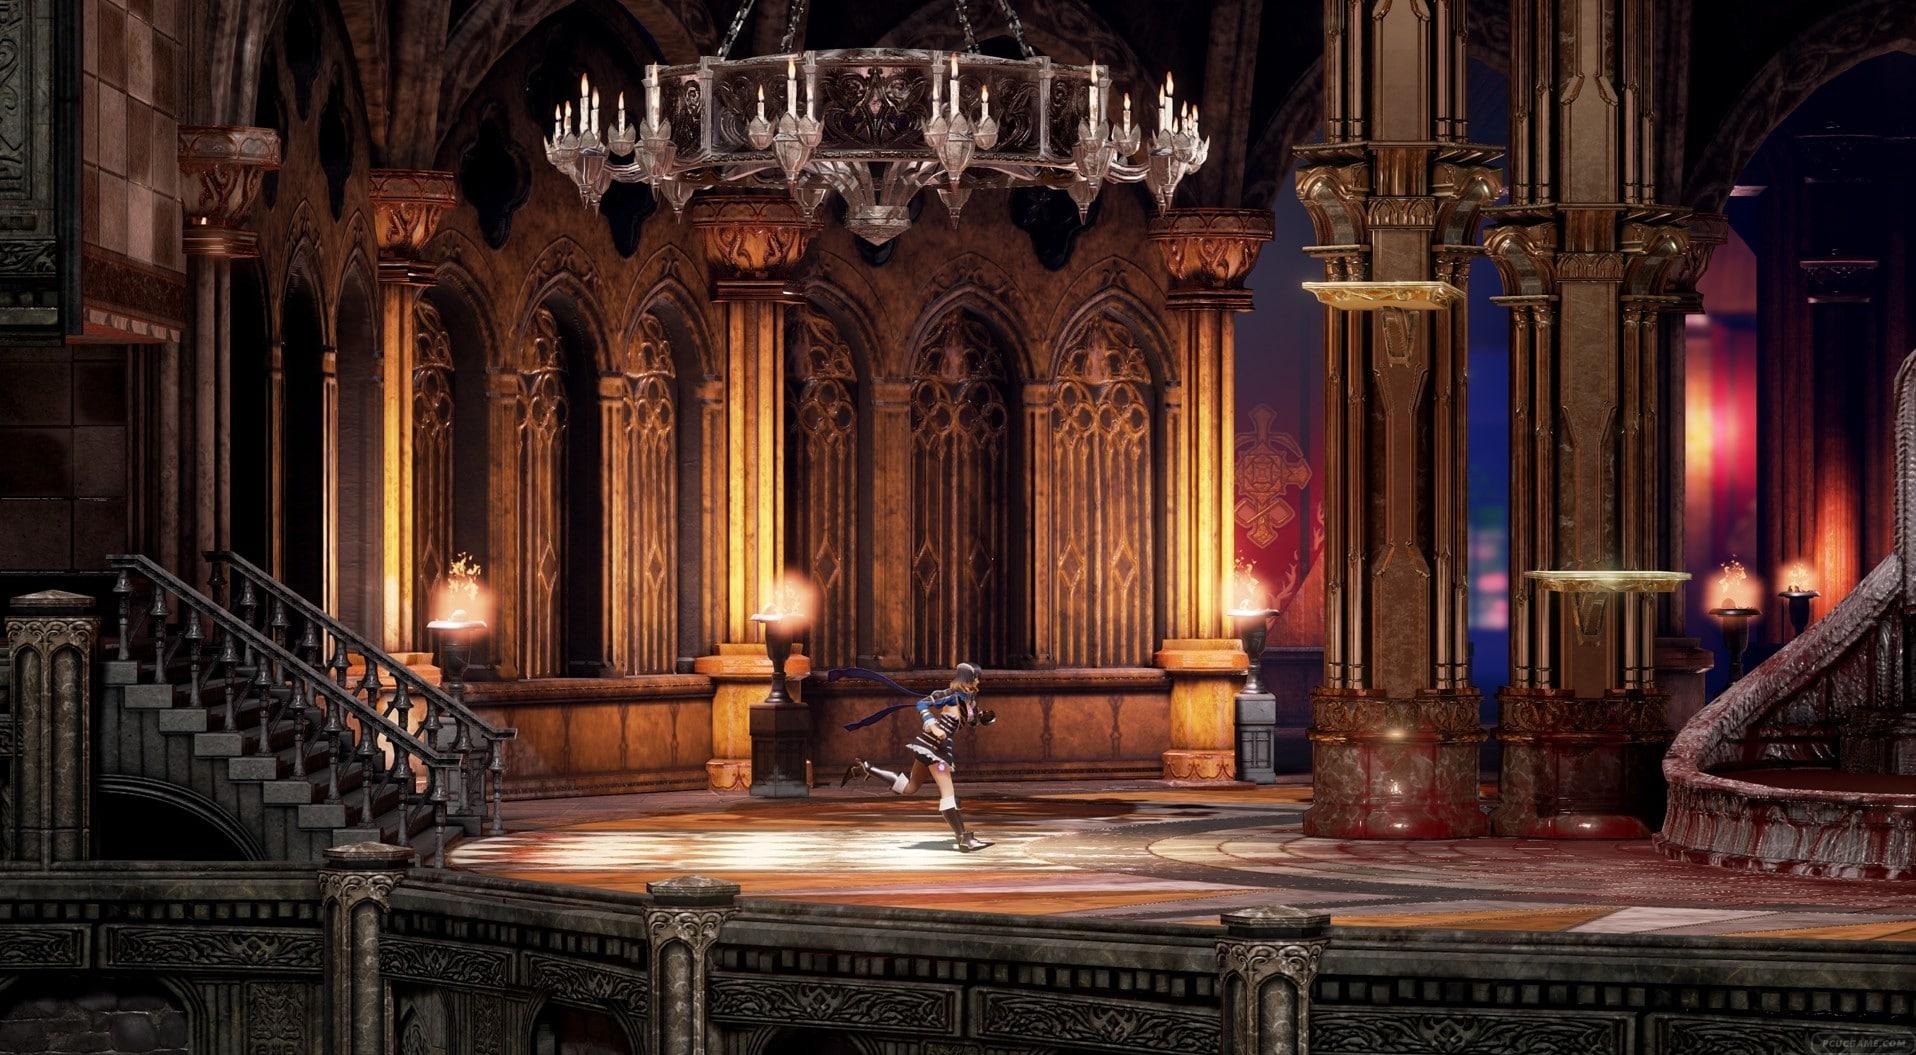 《血咒之城:暗夜儀式》DLC計劃 將不斷增加擴展內容